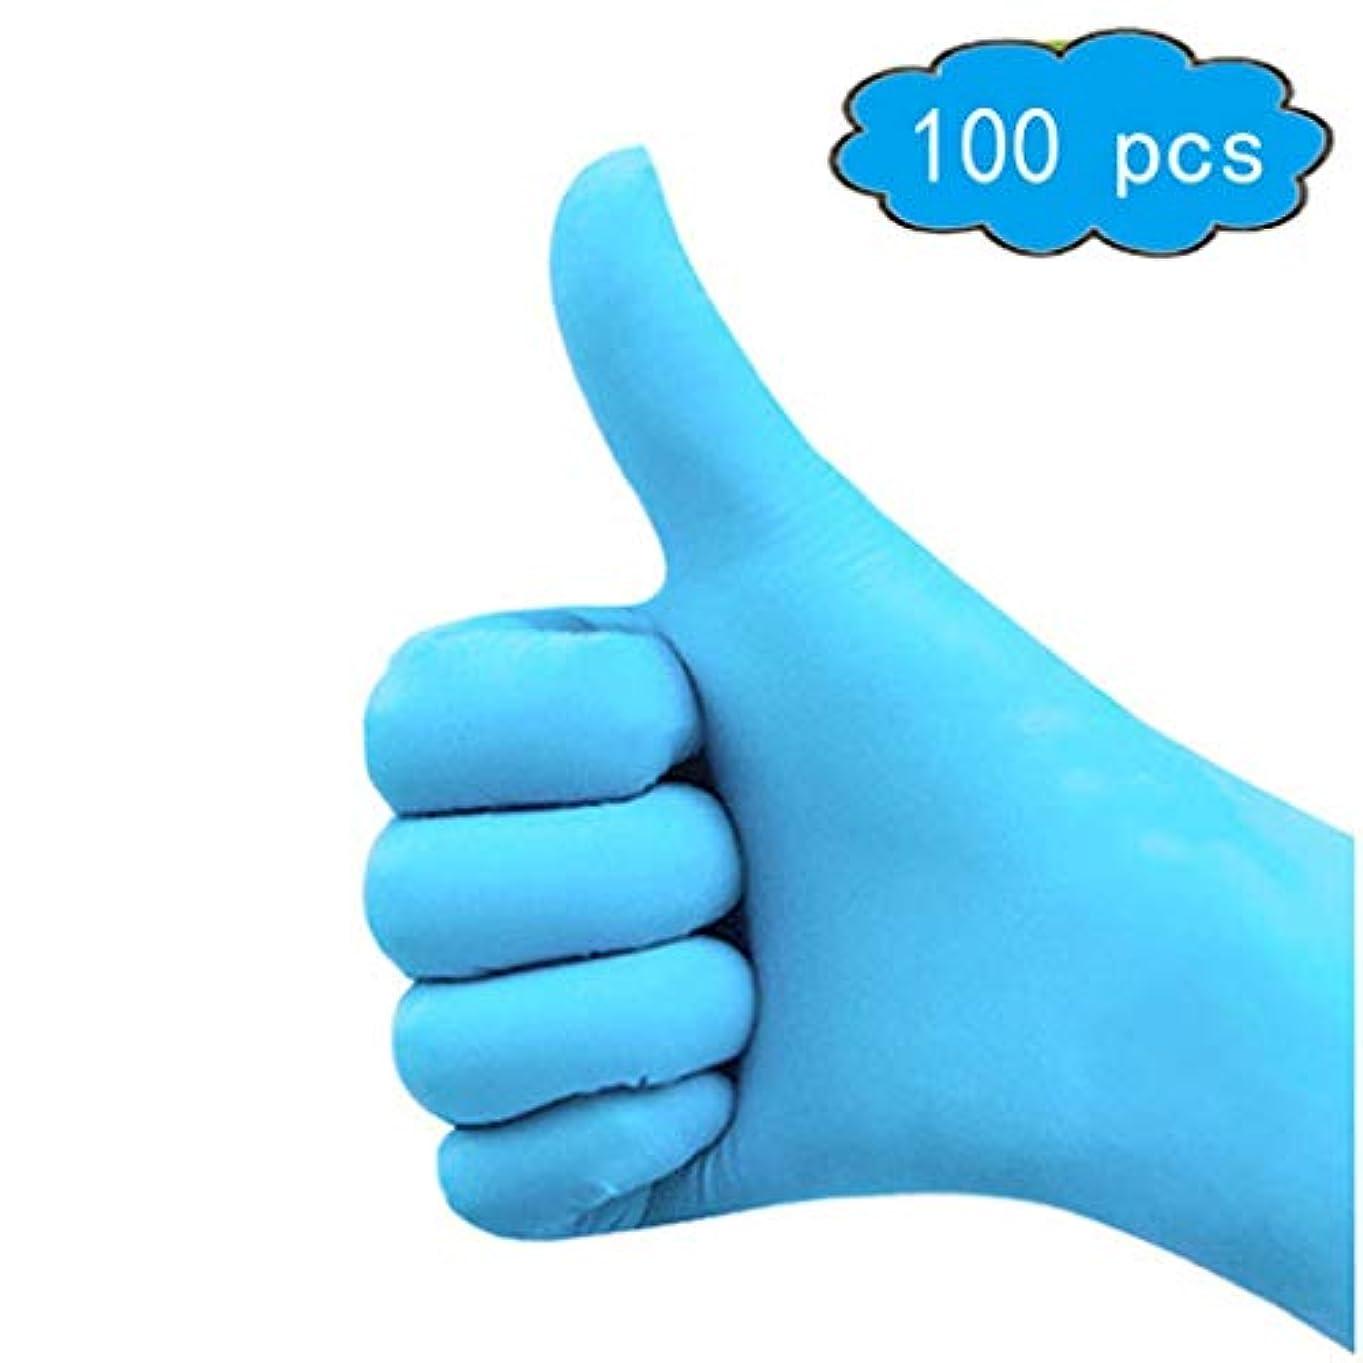 いっぱい食堂債務者使い捨てニトリル手袋、パウダーなし、厚く、3 mil、青、サイズL、100個入り、サニタリー手袋、家庭用品 (Color : Blue, Size : L)